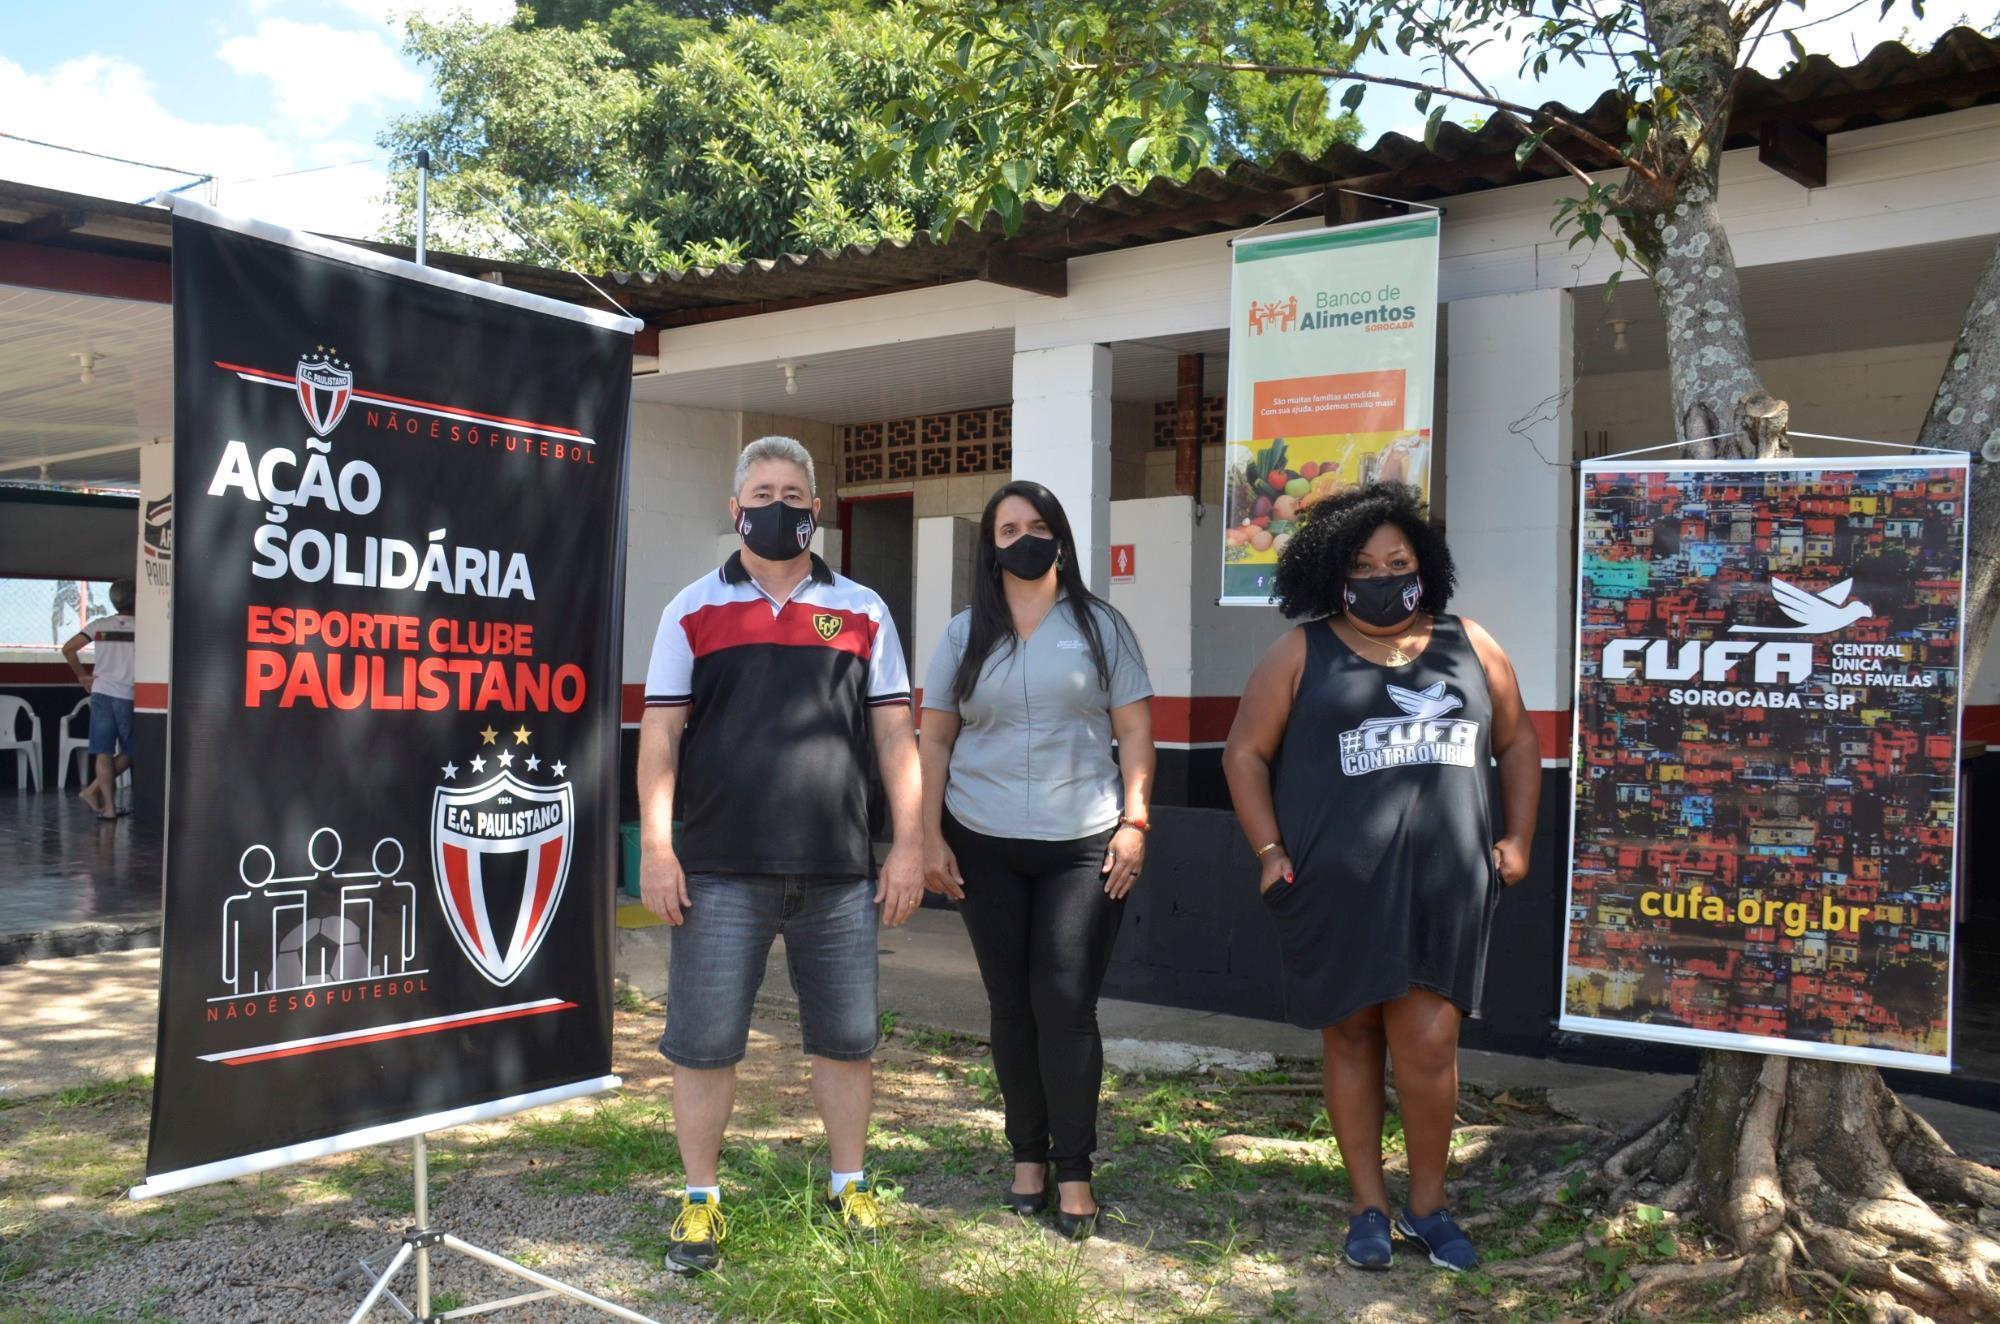 doações, carolzinha, 2021, imprensa, Caroline Queiróz Tomaz/Imprensa SMetal